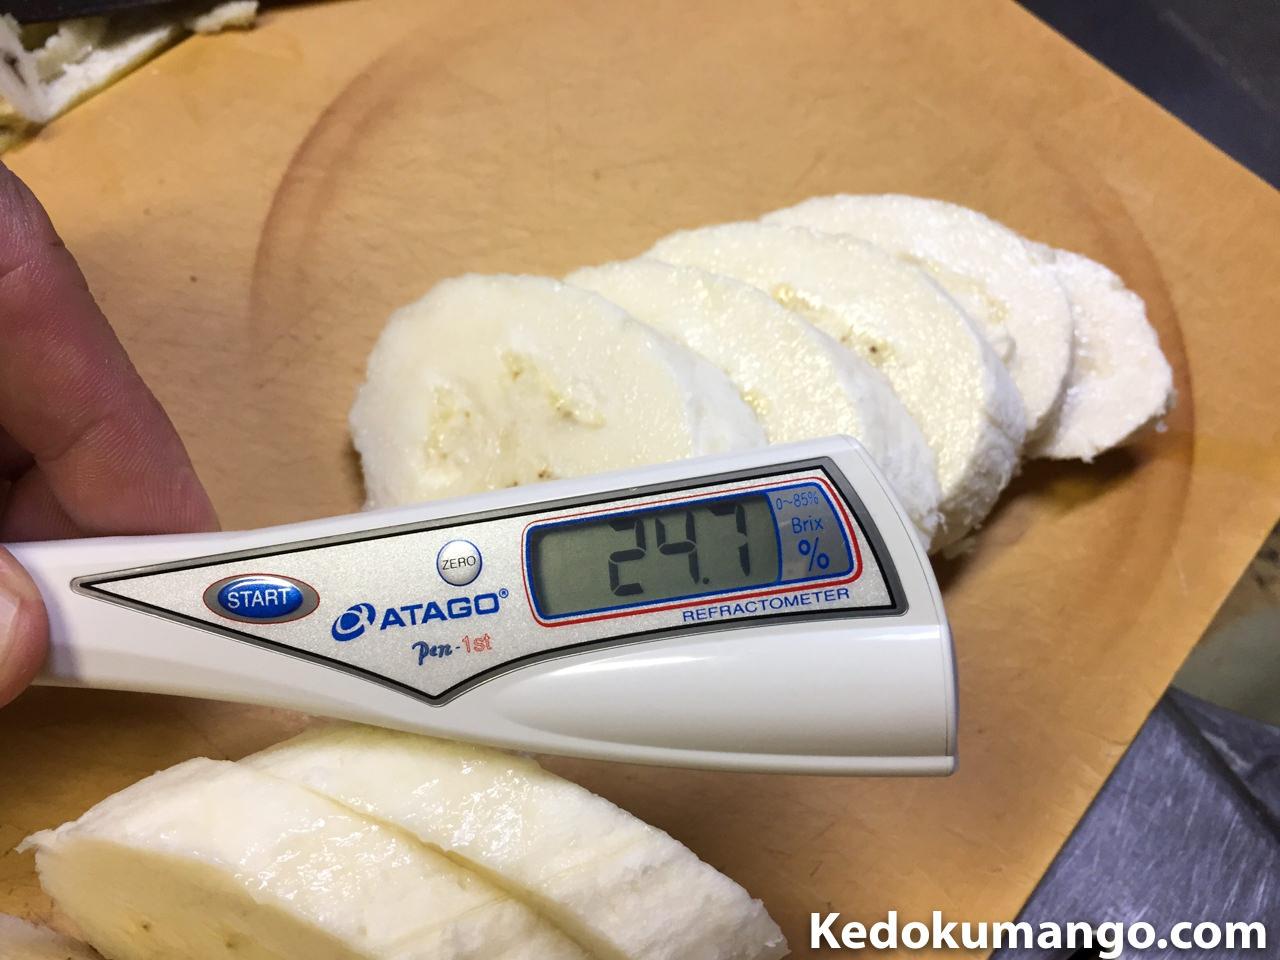 アメリカバナナの糖度